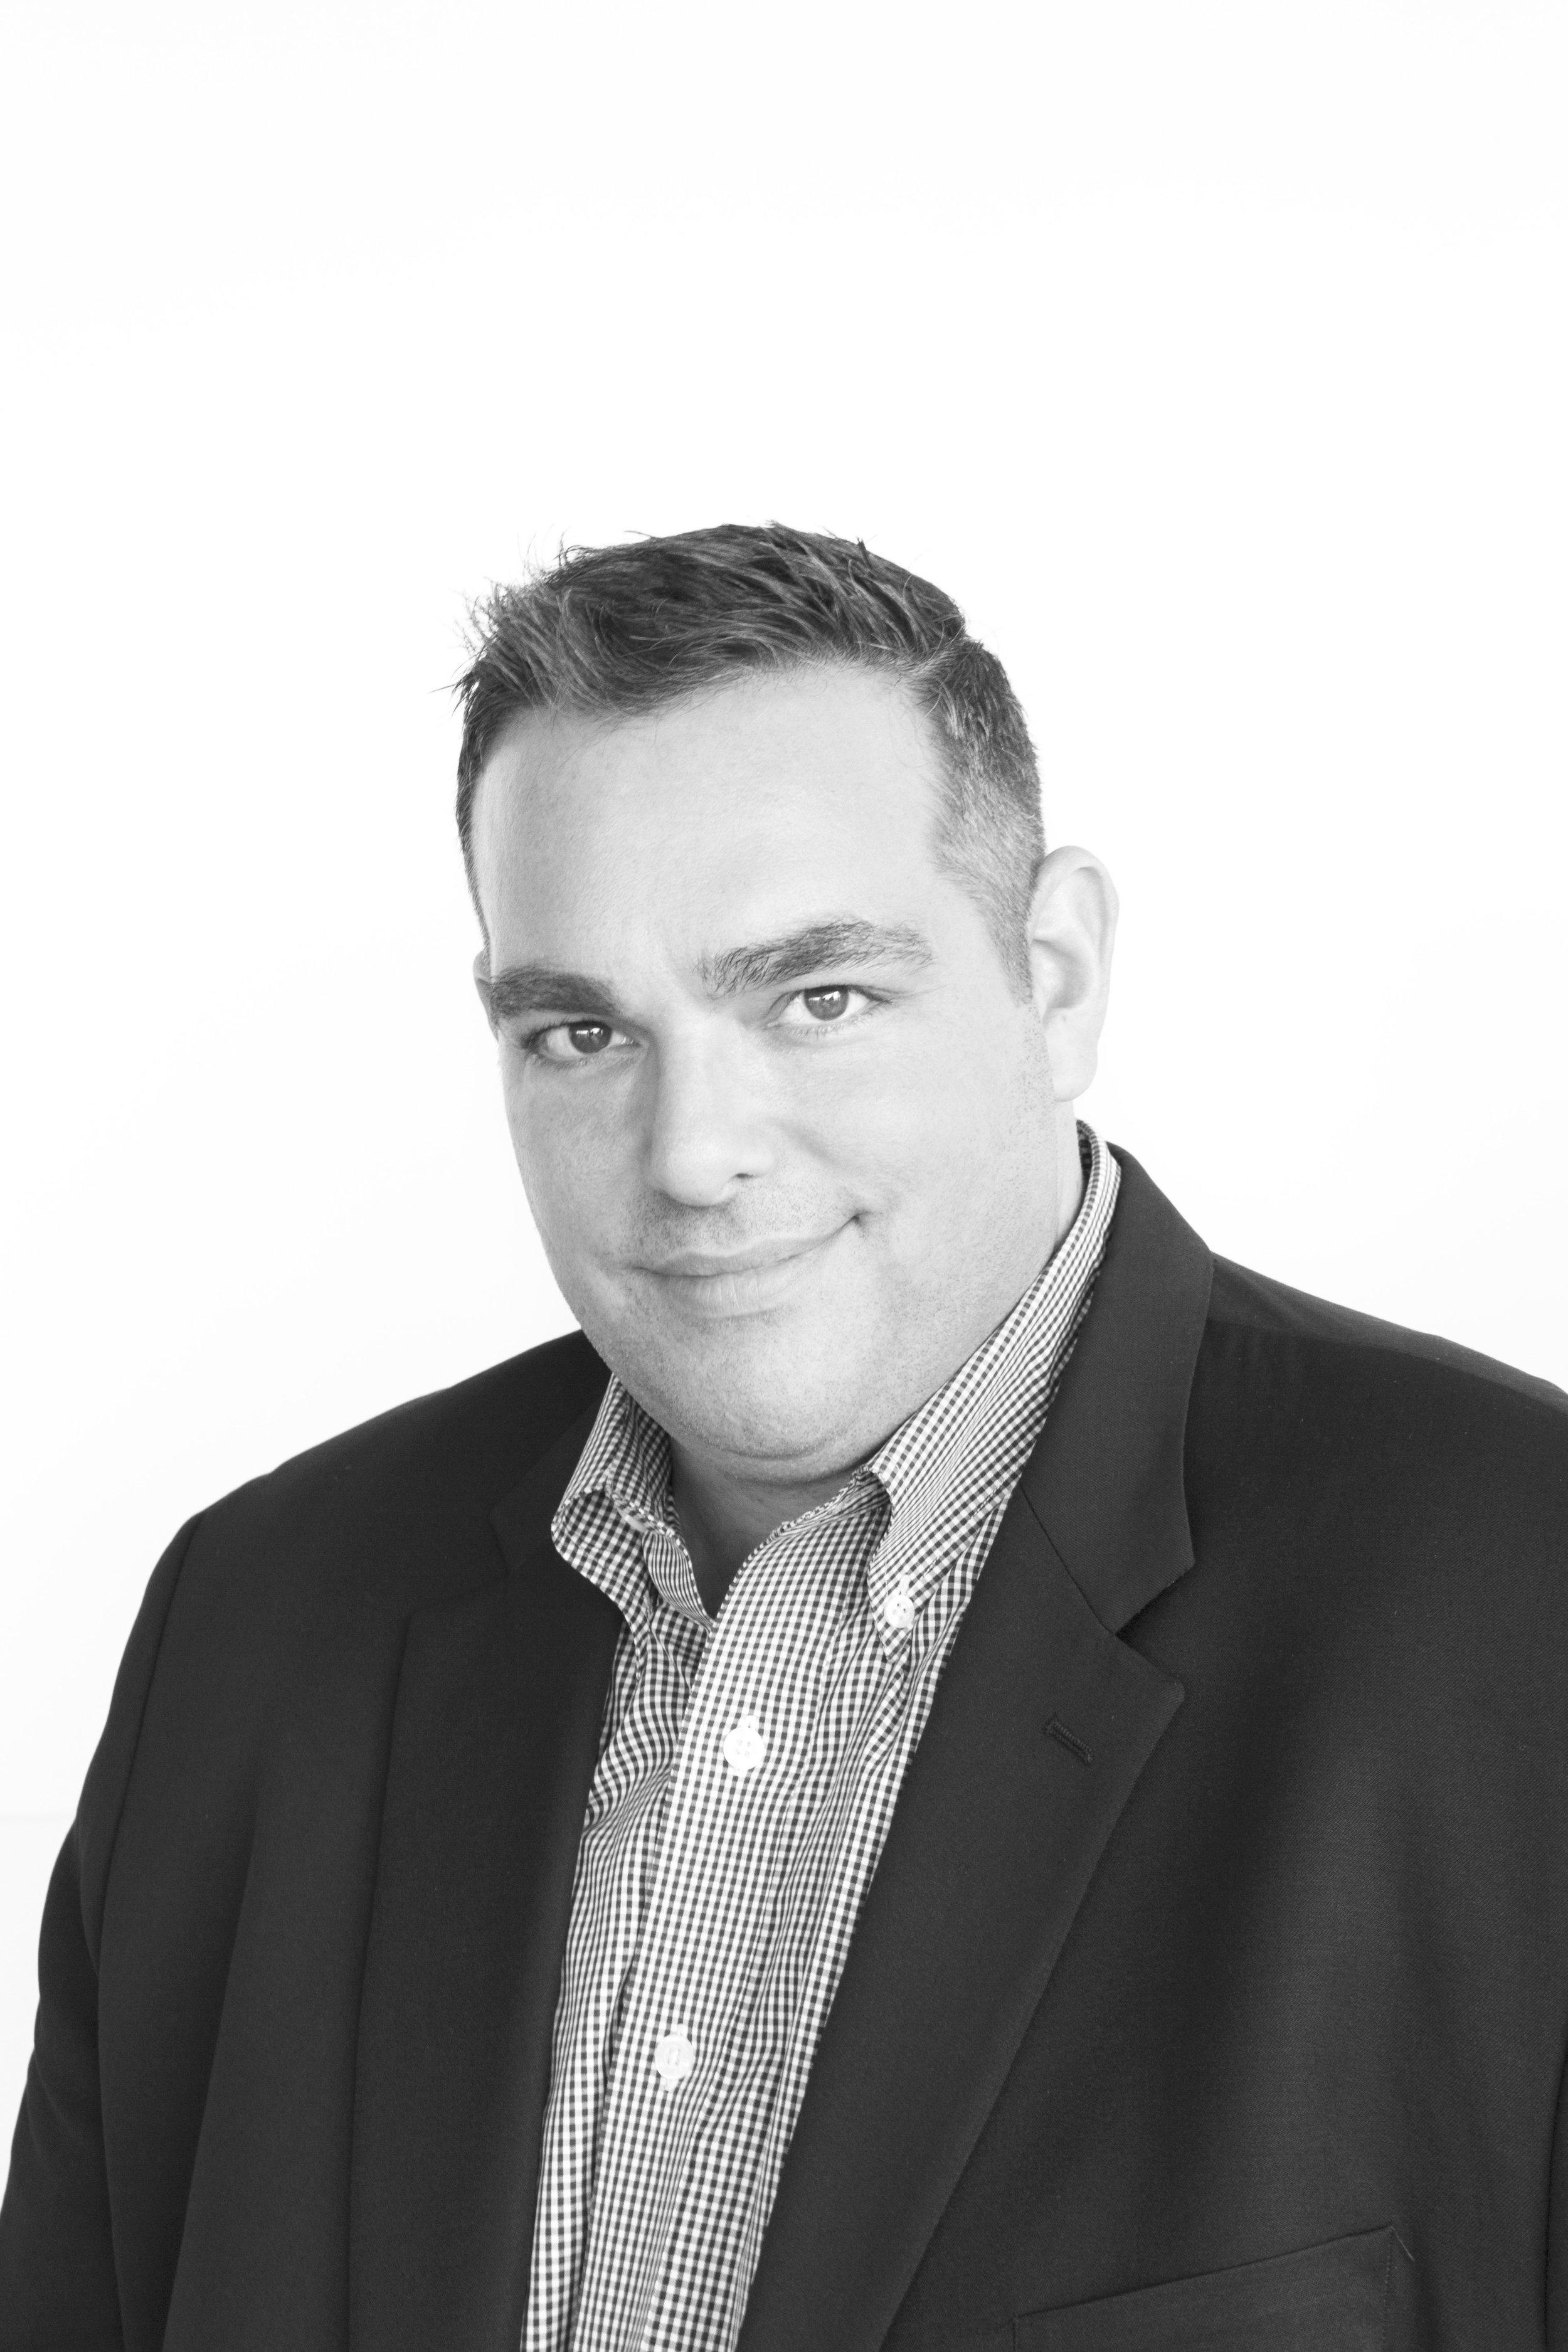 Craig Cimmino  Executive Creative Director, McgarryBowen